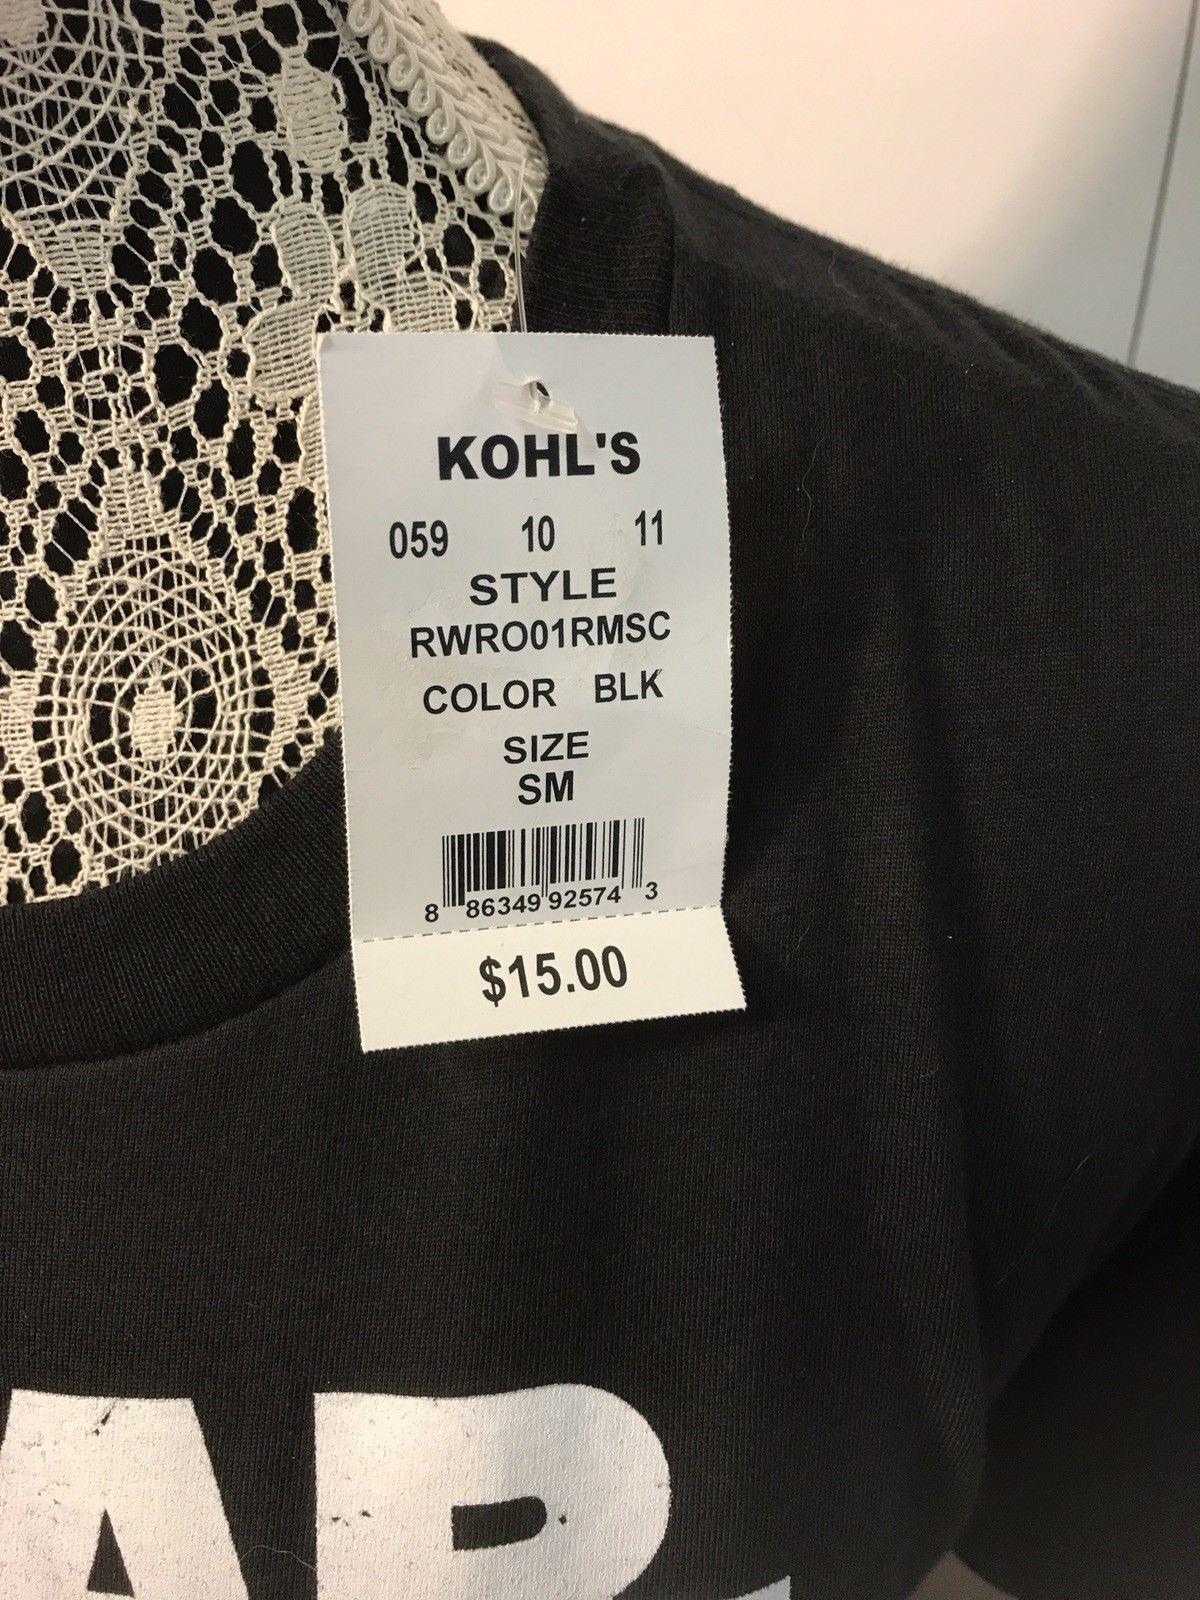 NEW Star Wars Rogue 1 Small T Shirt Black W/tags